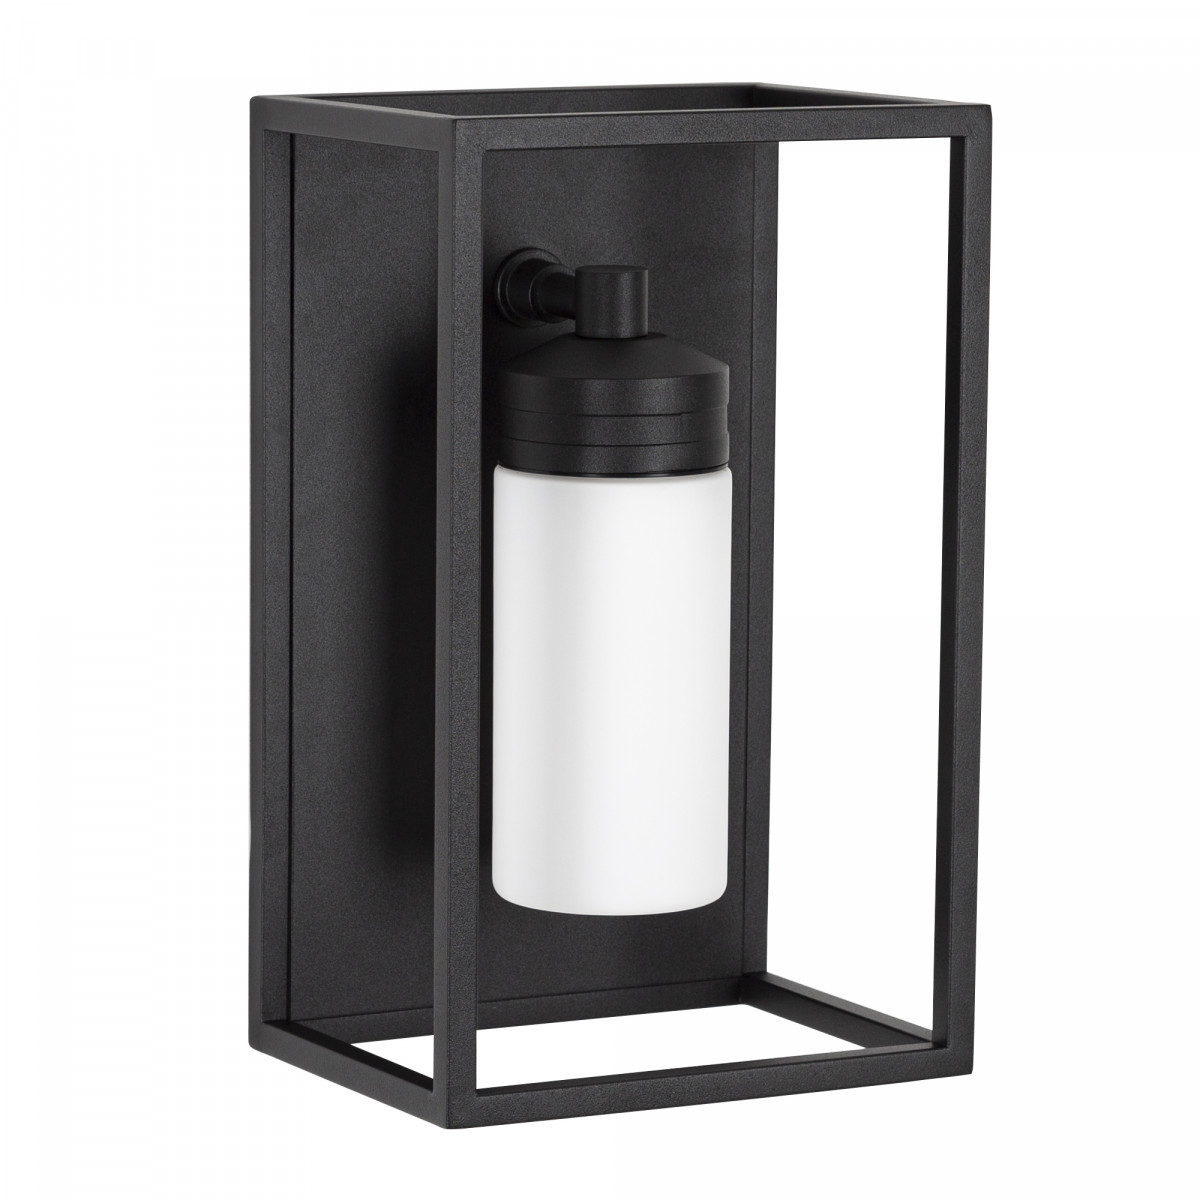 Buitenlamp Hudson zwart wandlamp plat, zwart frame en melkwit stolp glas, rvs buitenverlichting met zwarte coating, moderne wandverlichting, Nostalux